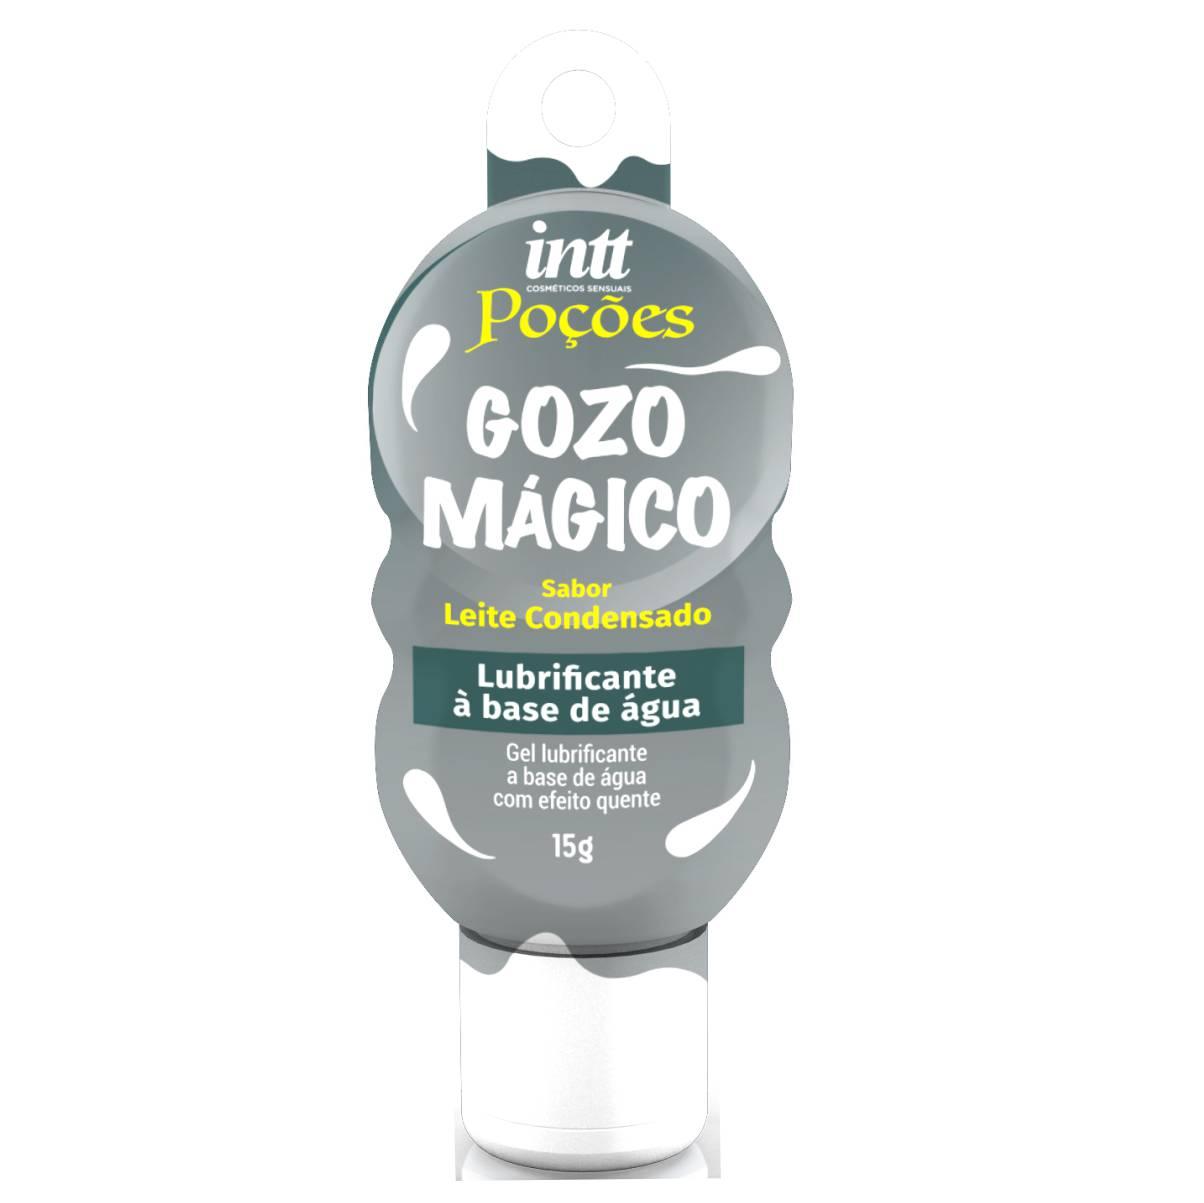 GOZO MÁGICO - Lubrificante à Base de Água sabor Leite Condensado - INTT